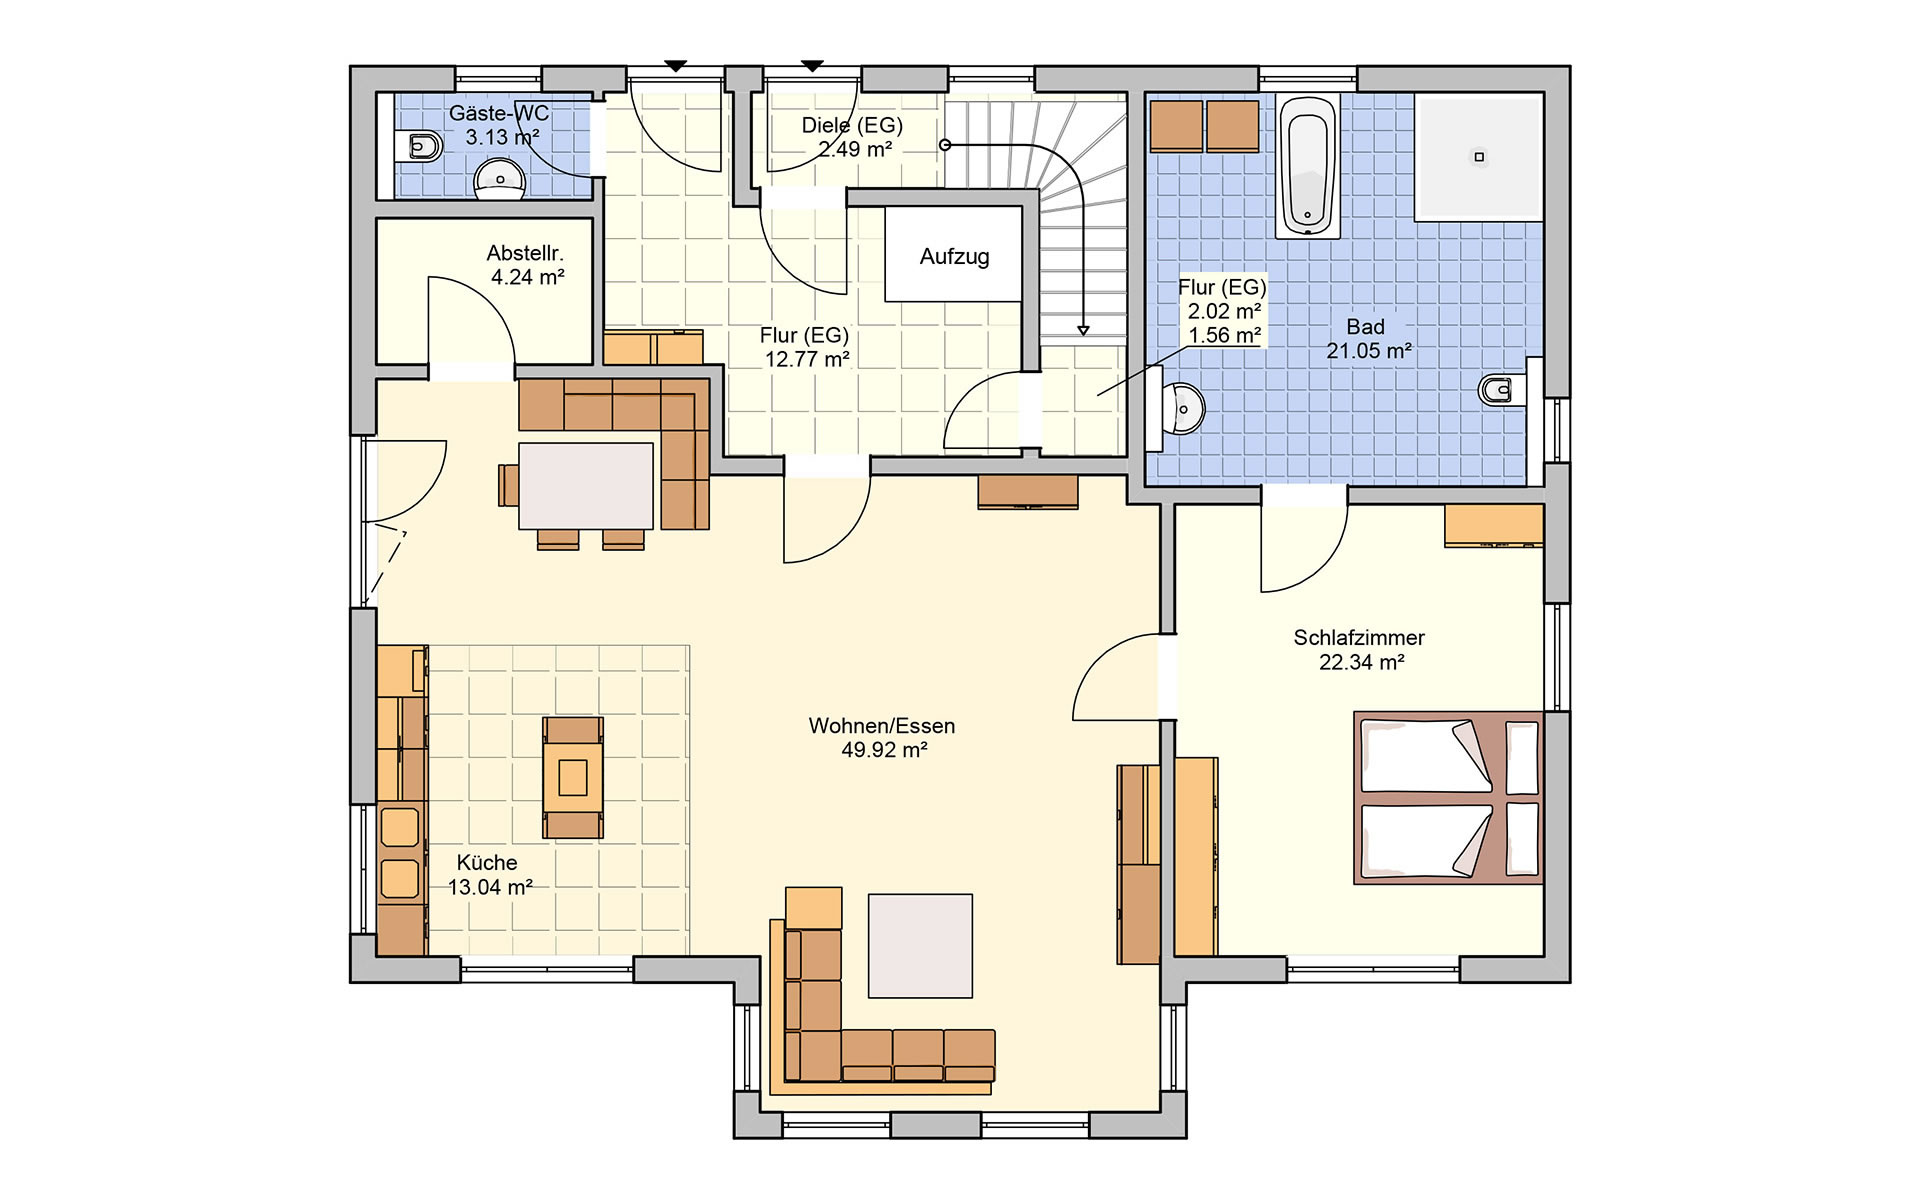 Obergeschoss Bonvenon von Fingerhut Haus GmbH & Co. KG